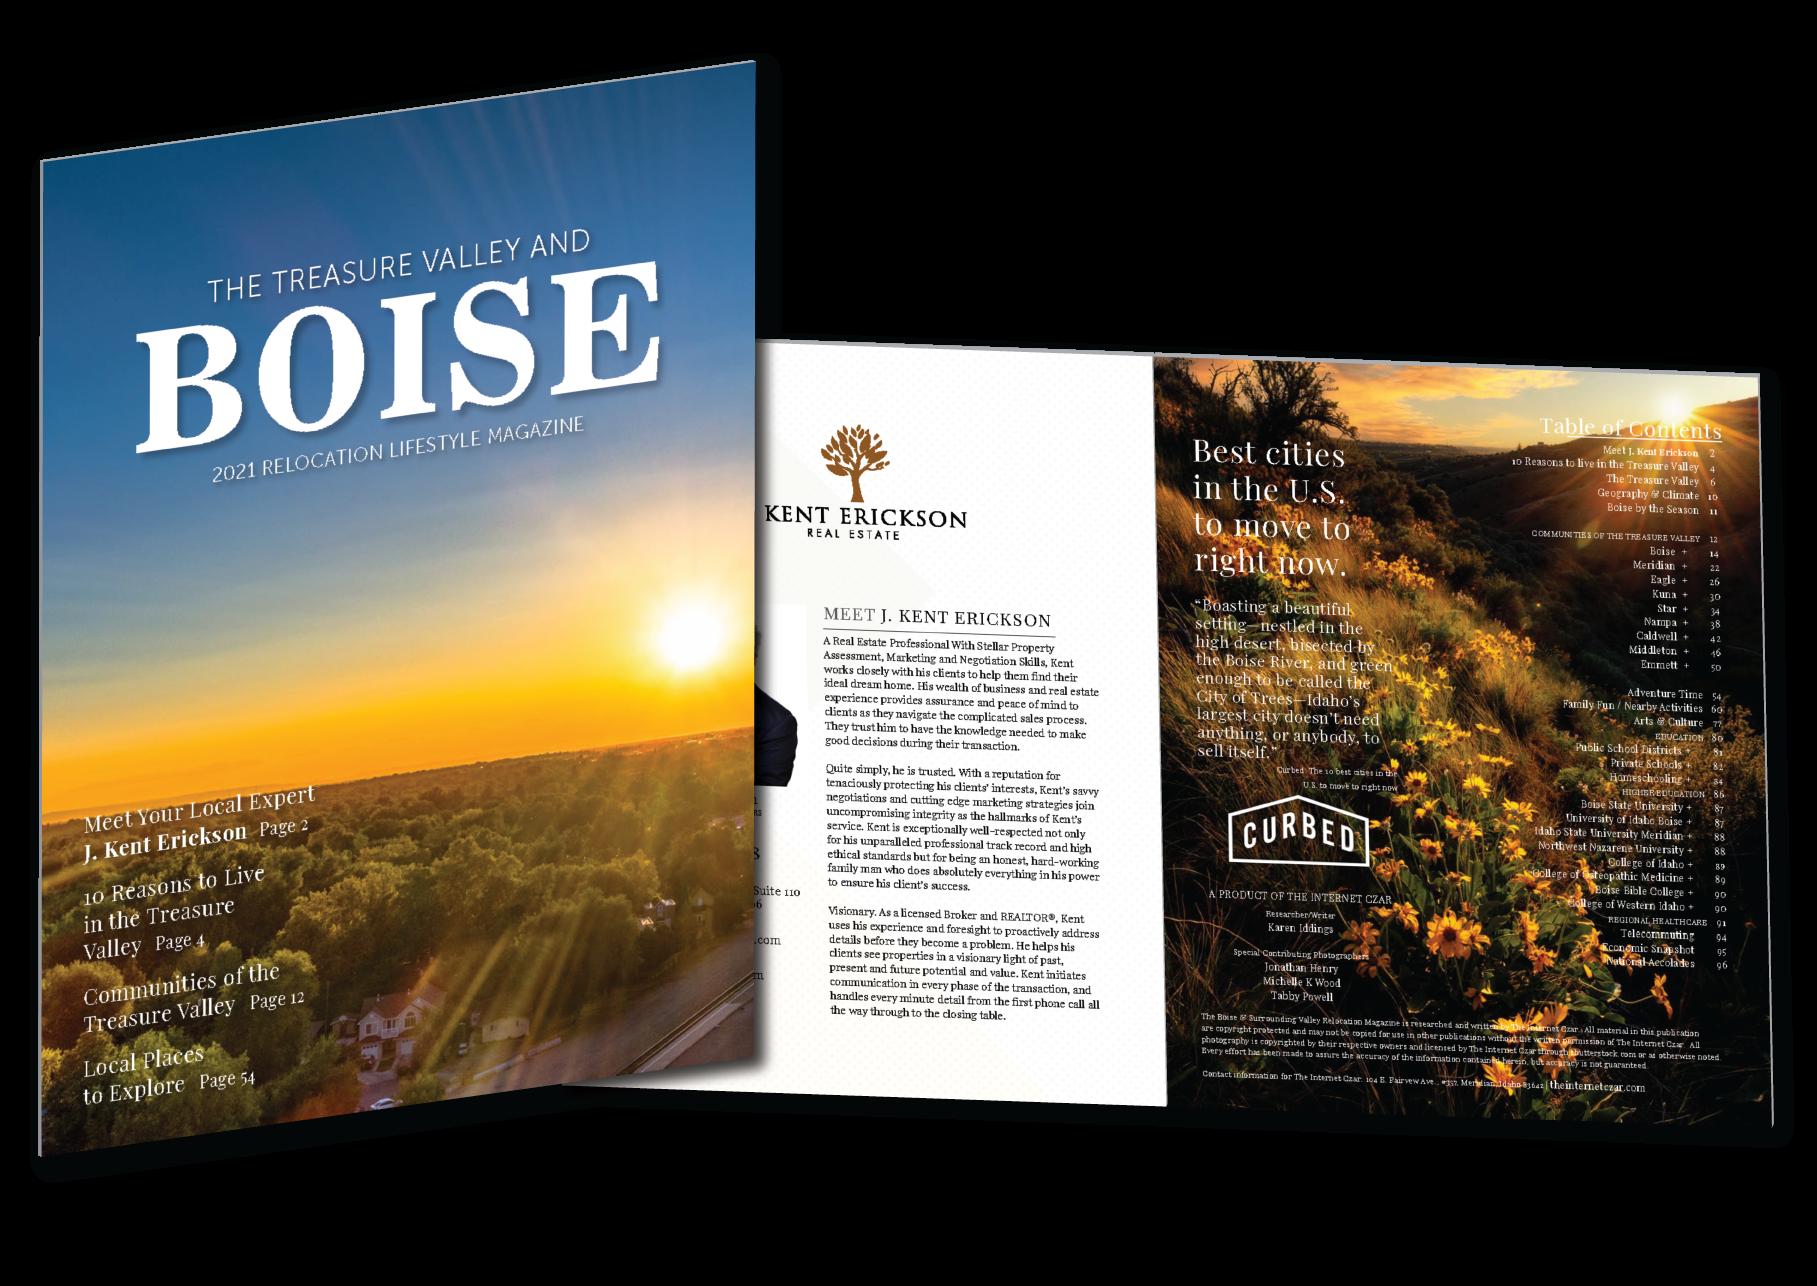 2021 Boise Relocation Lifestyle Magazine